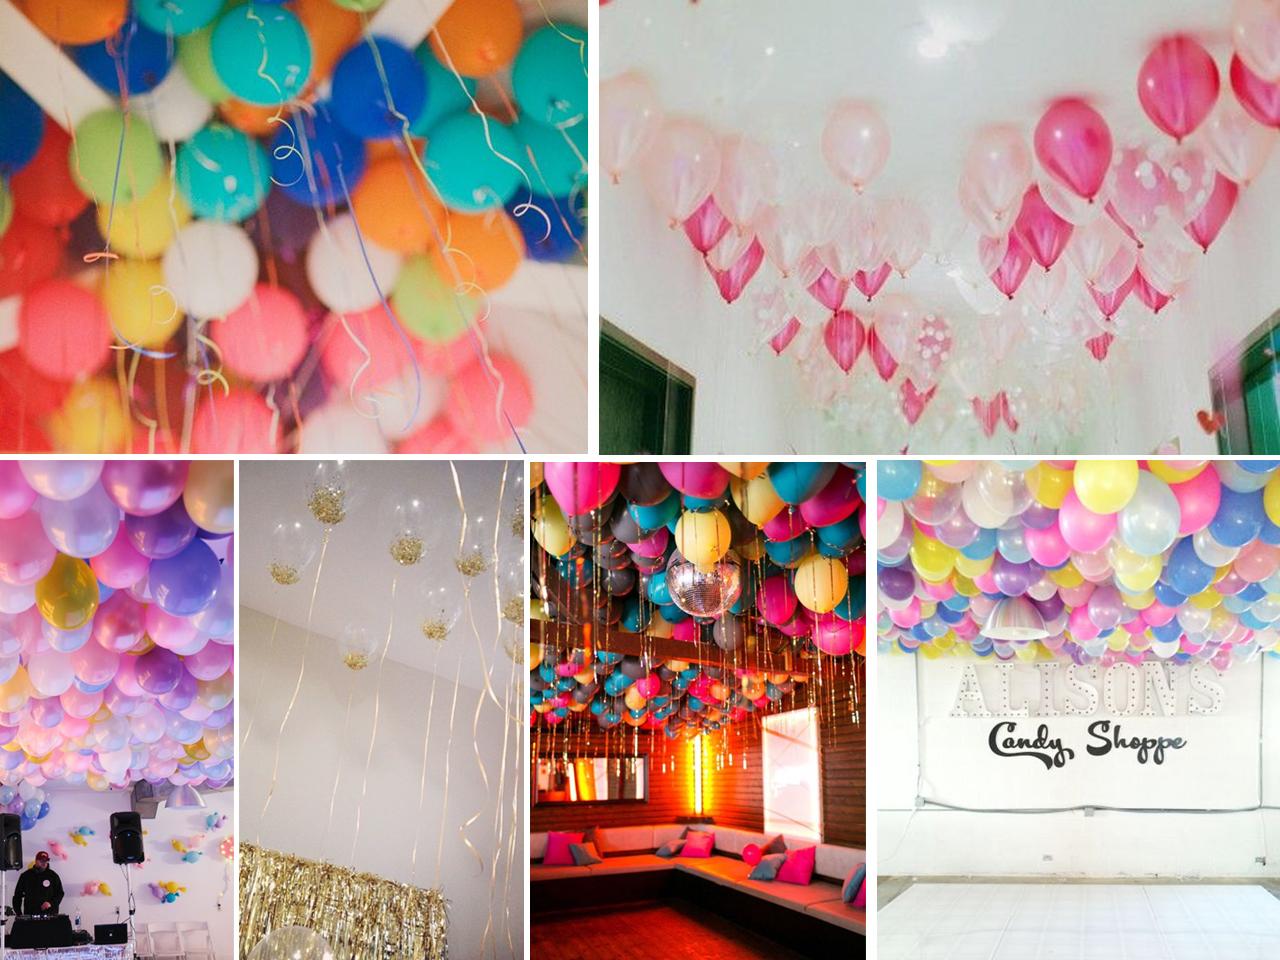 Decoracion con globos en el techo for Decoracion para decorar